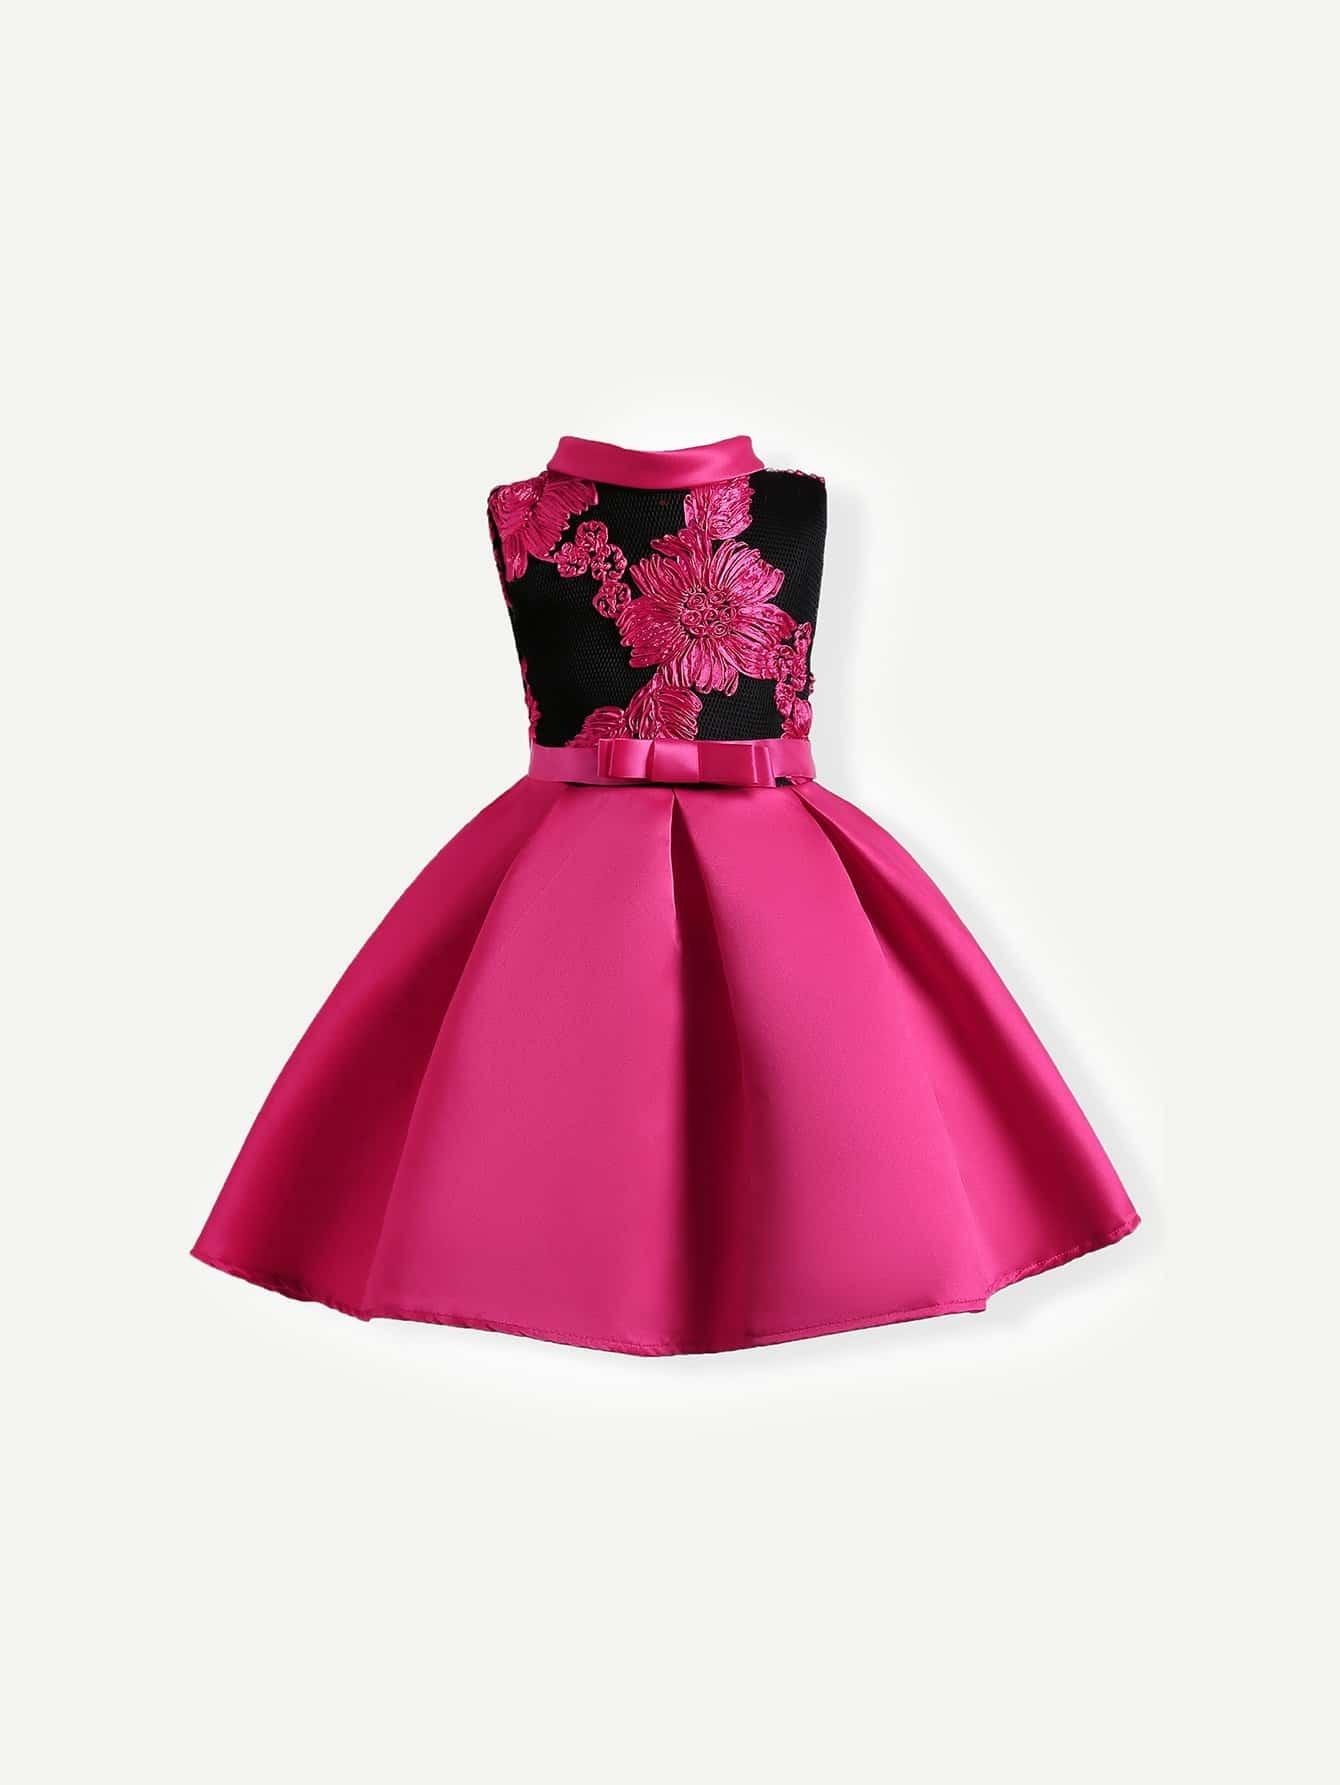 Купить Диско стиль Цветочный принт с бантом Платье A-силуэт ярко-розовый Платья для девочек, null, SheIn